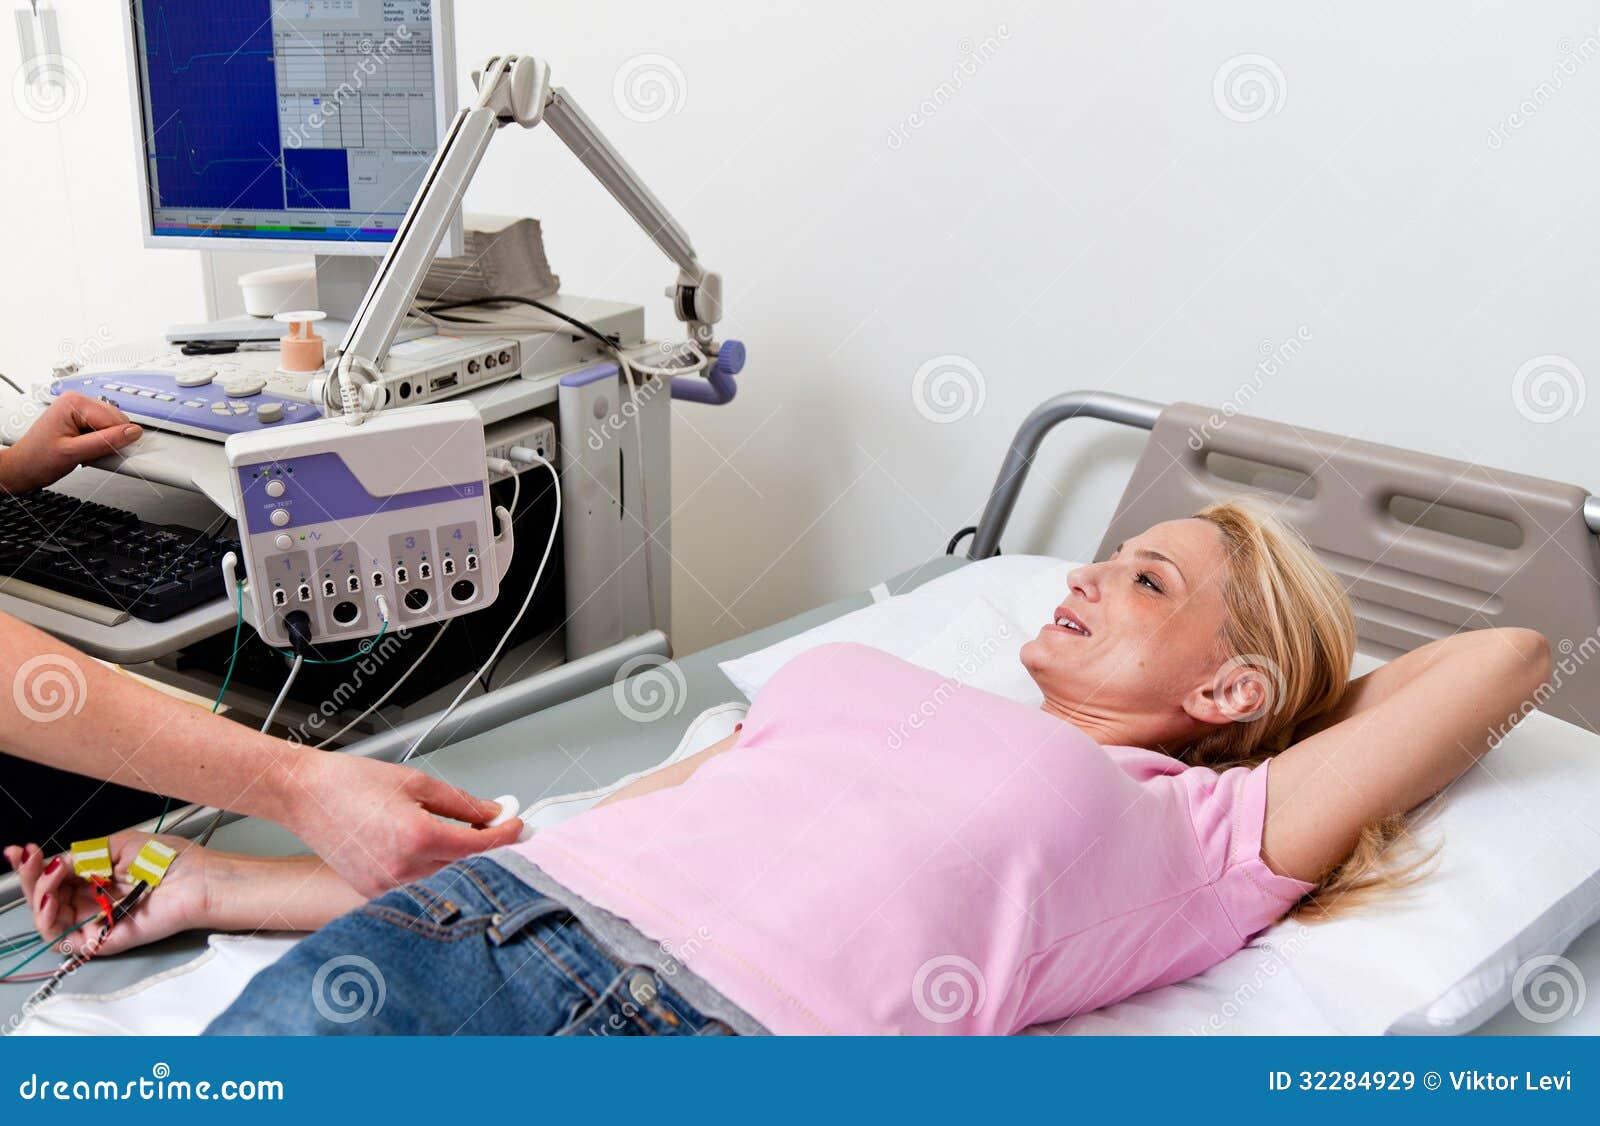 Zdrowie opieki zdrowotnej electromyography szpitalny egzamin